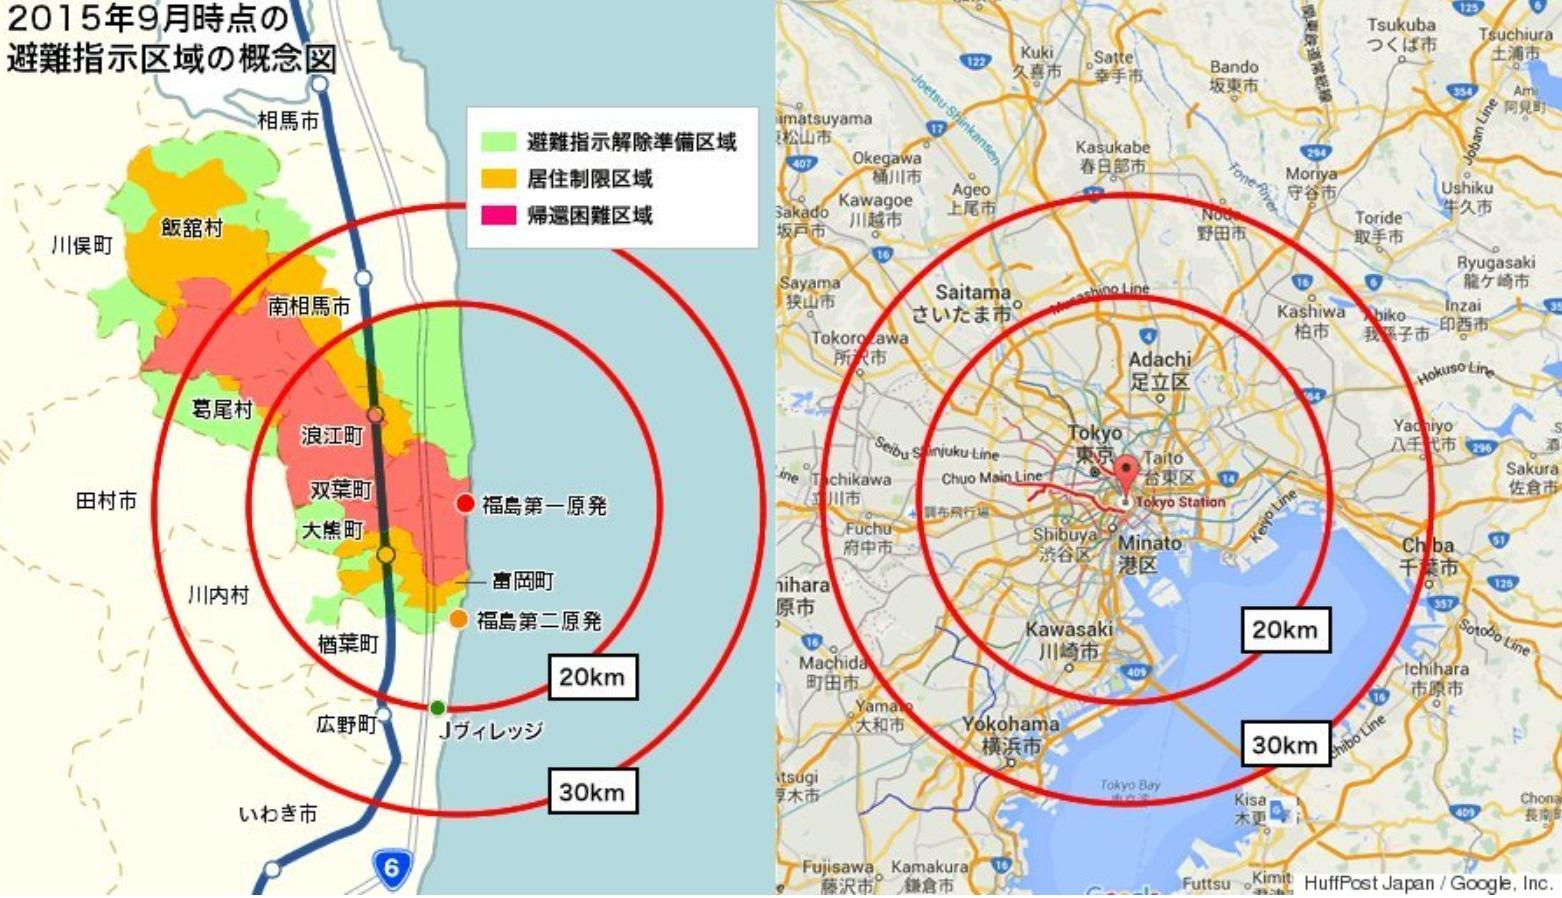 福島第一原発周辺と首都圏